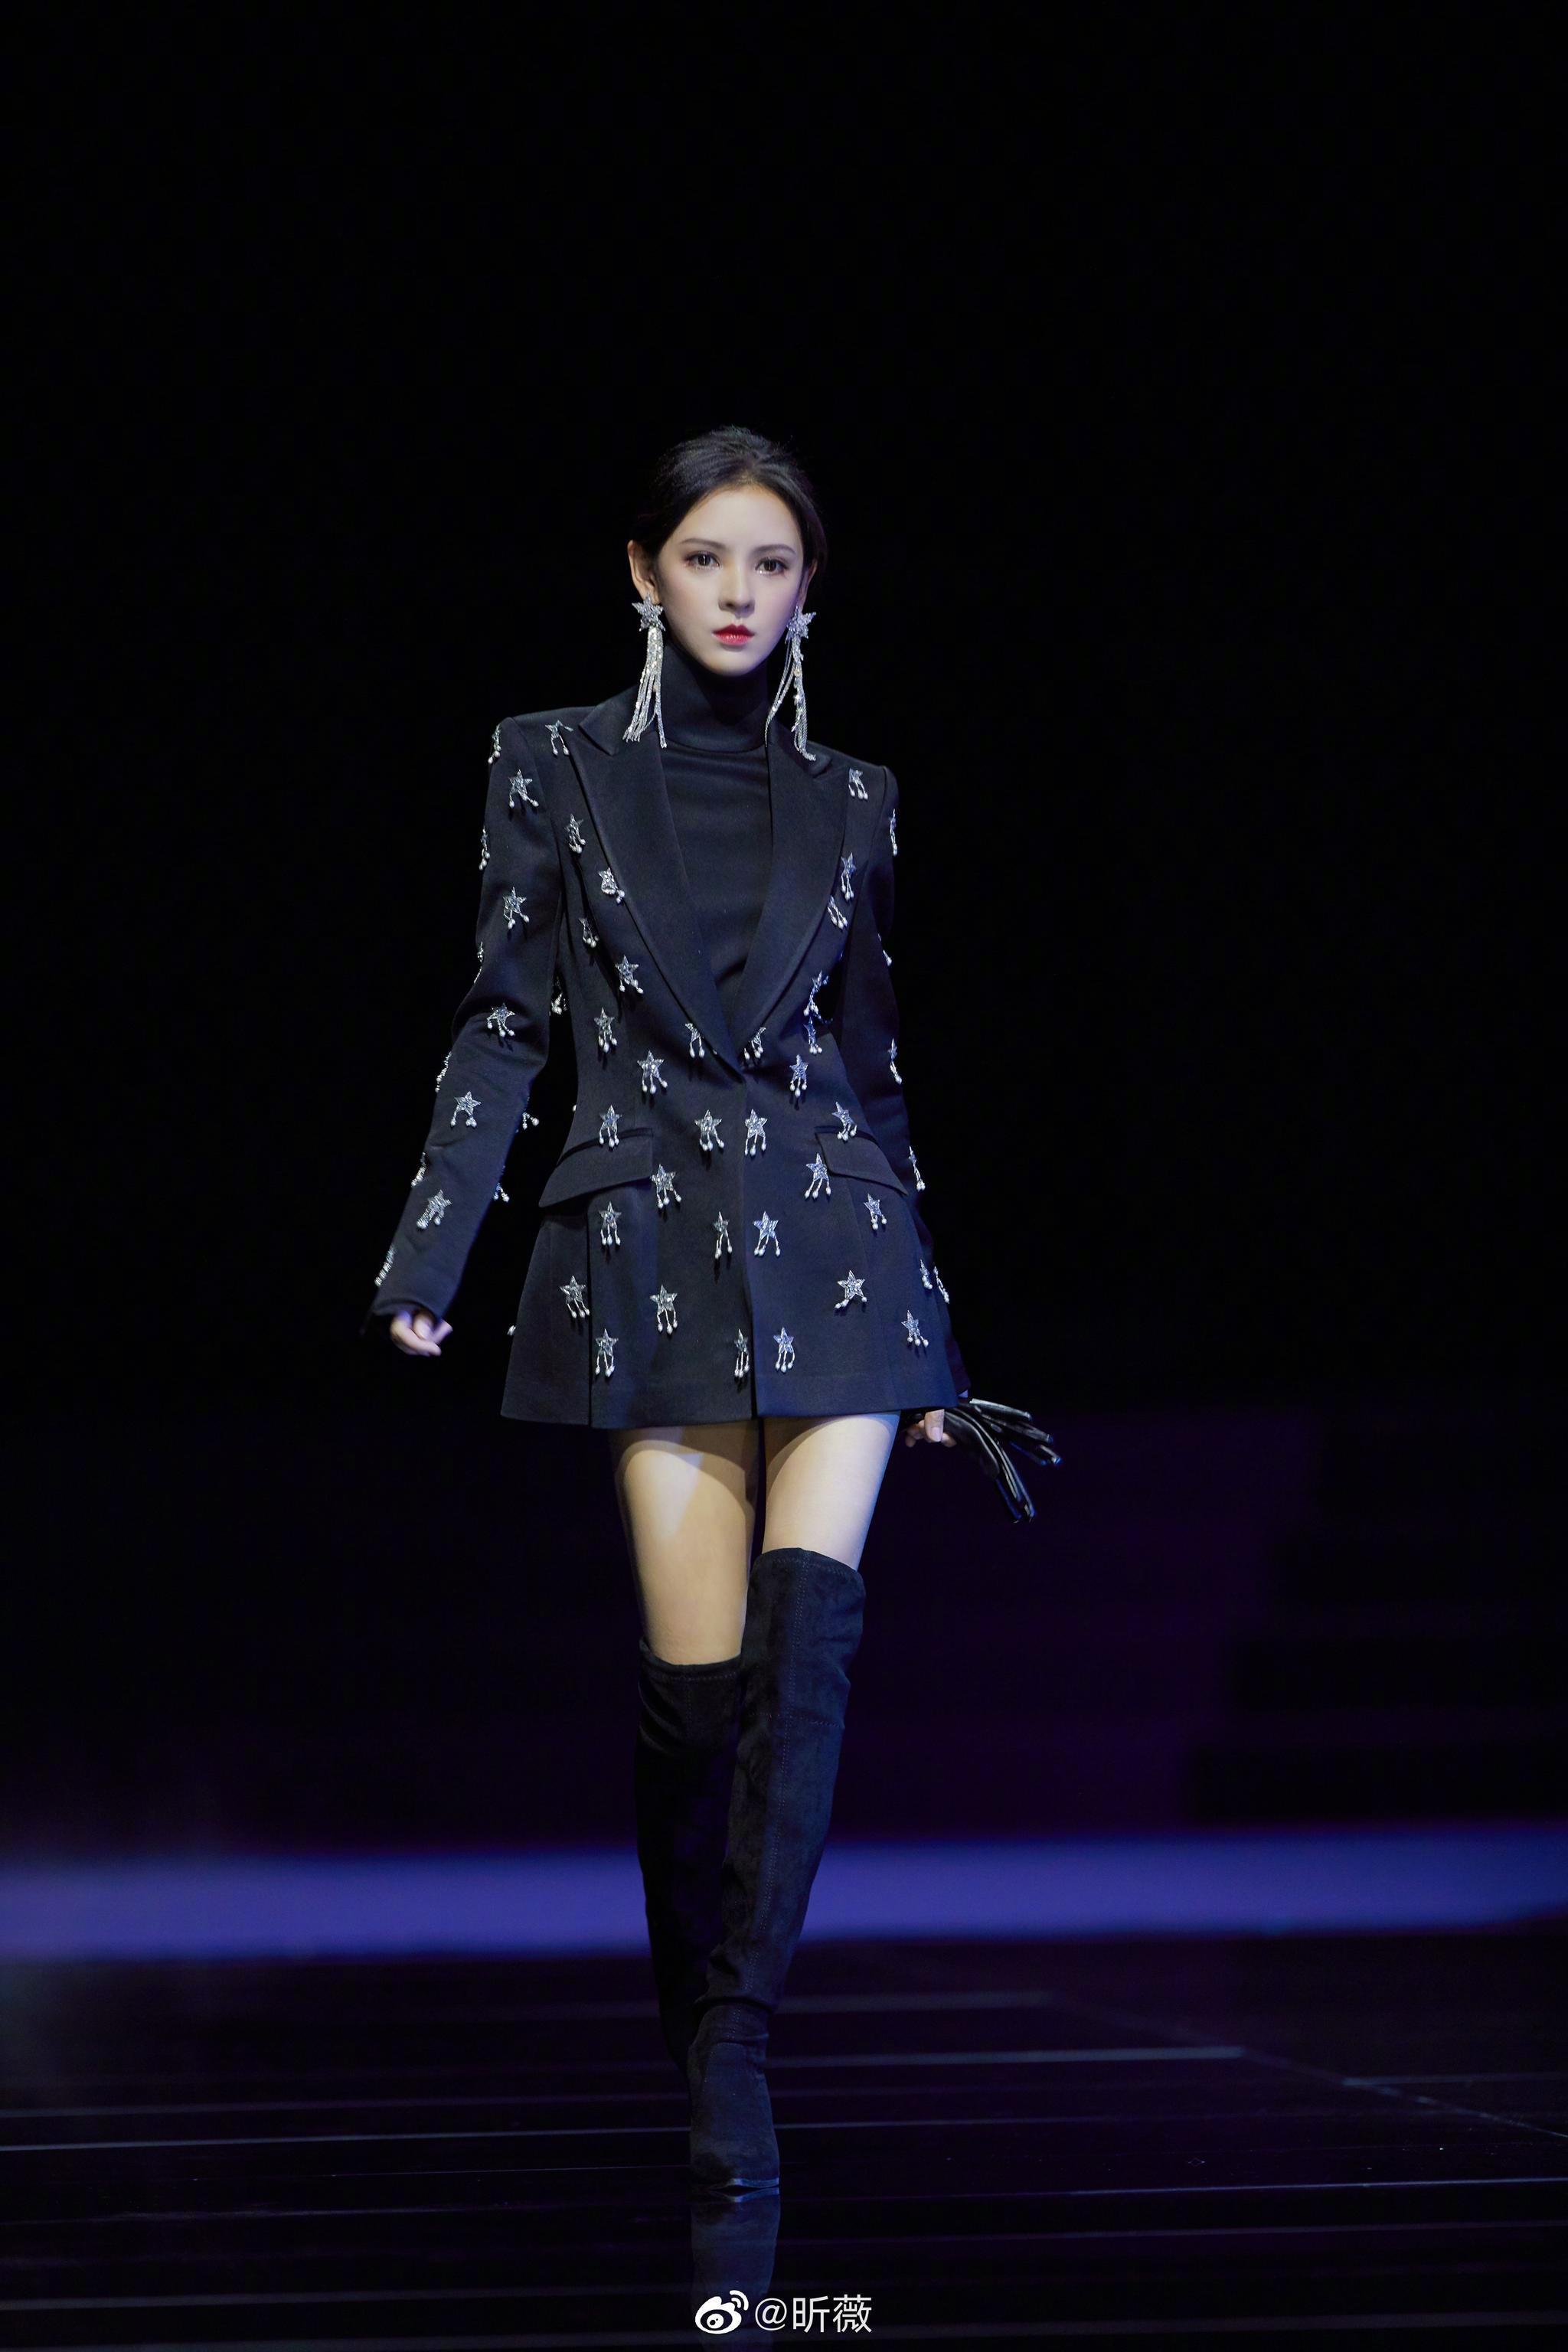 2021春夏中国国际时装周@张馨予 @张予曦 @R1SE-赵磊